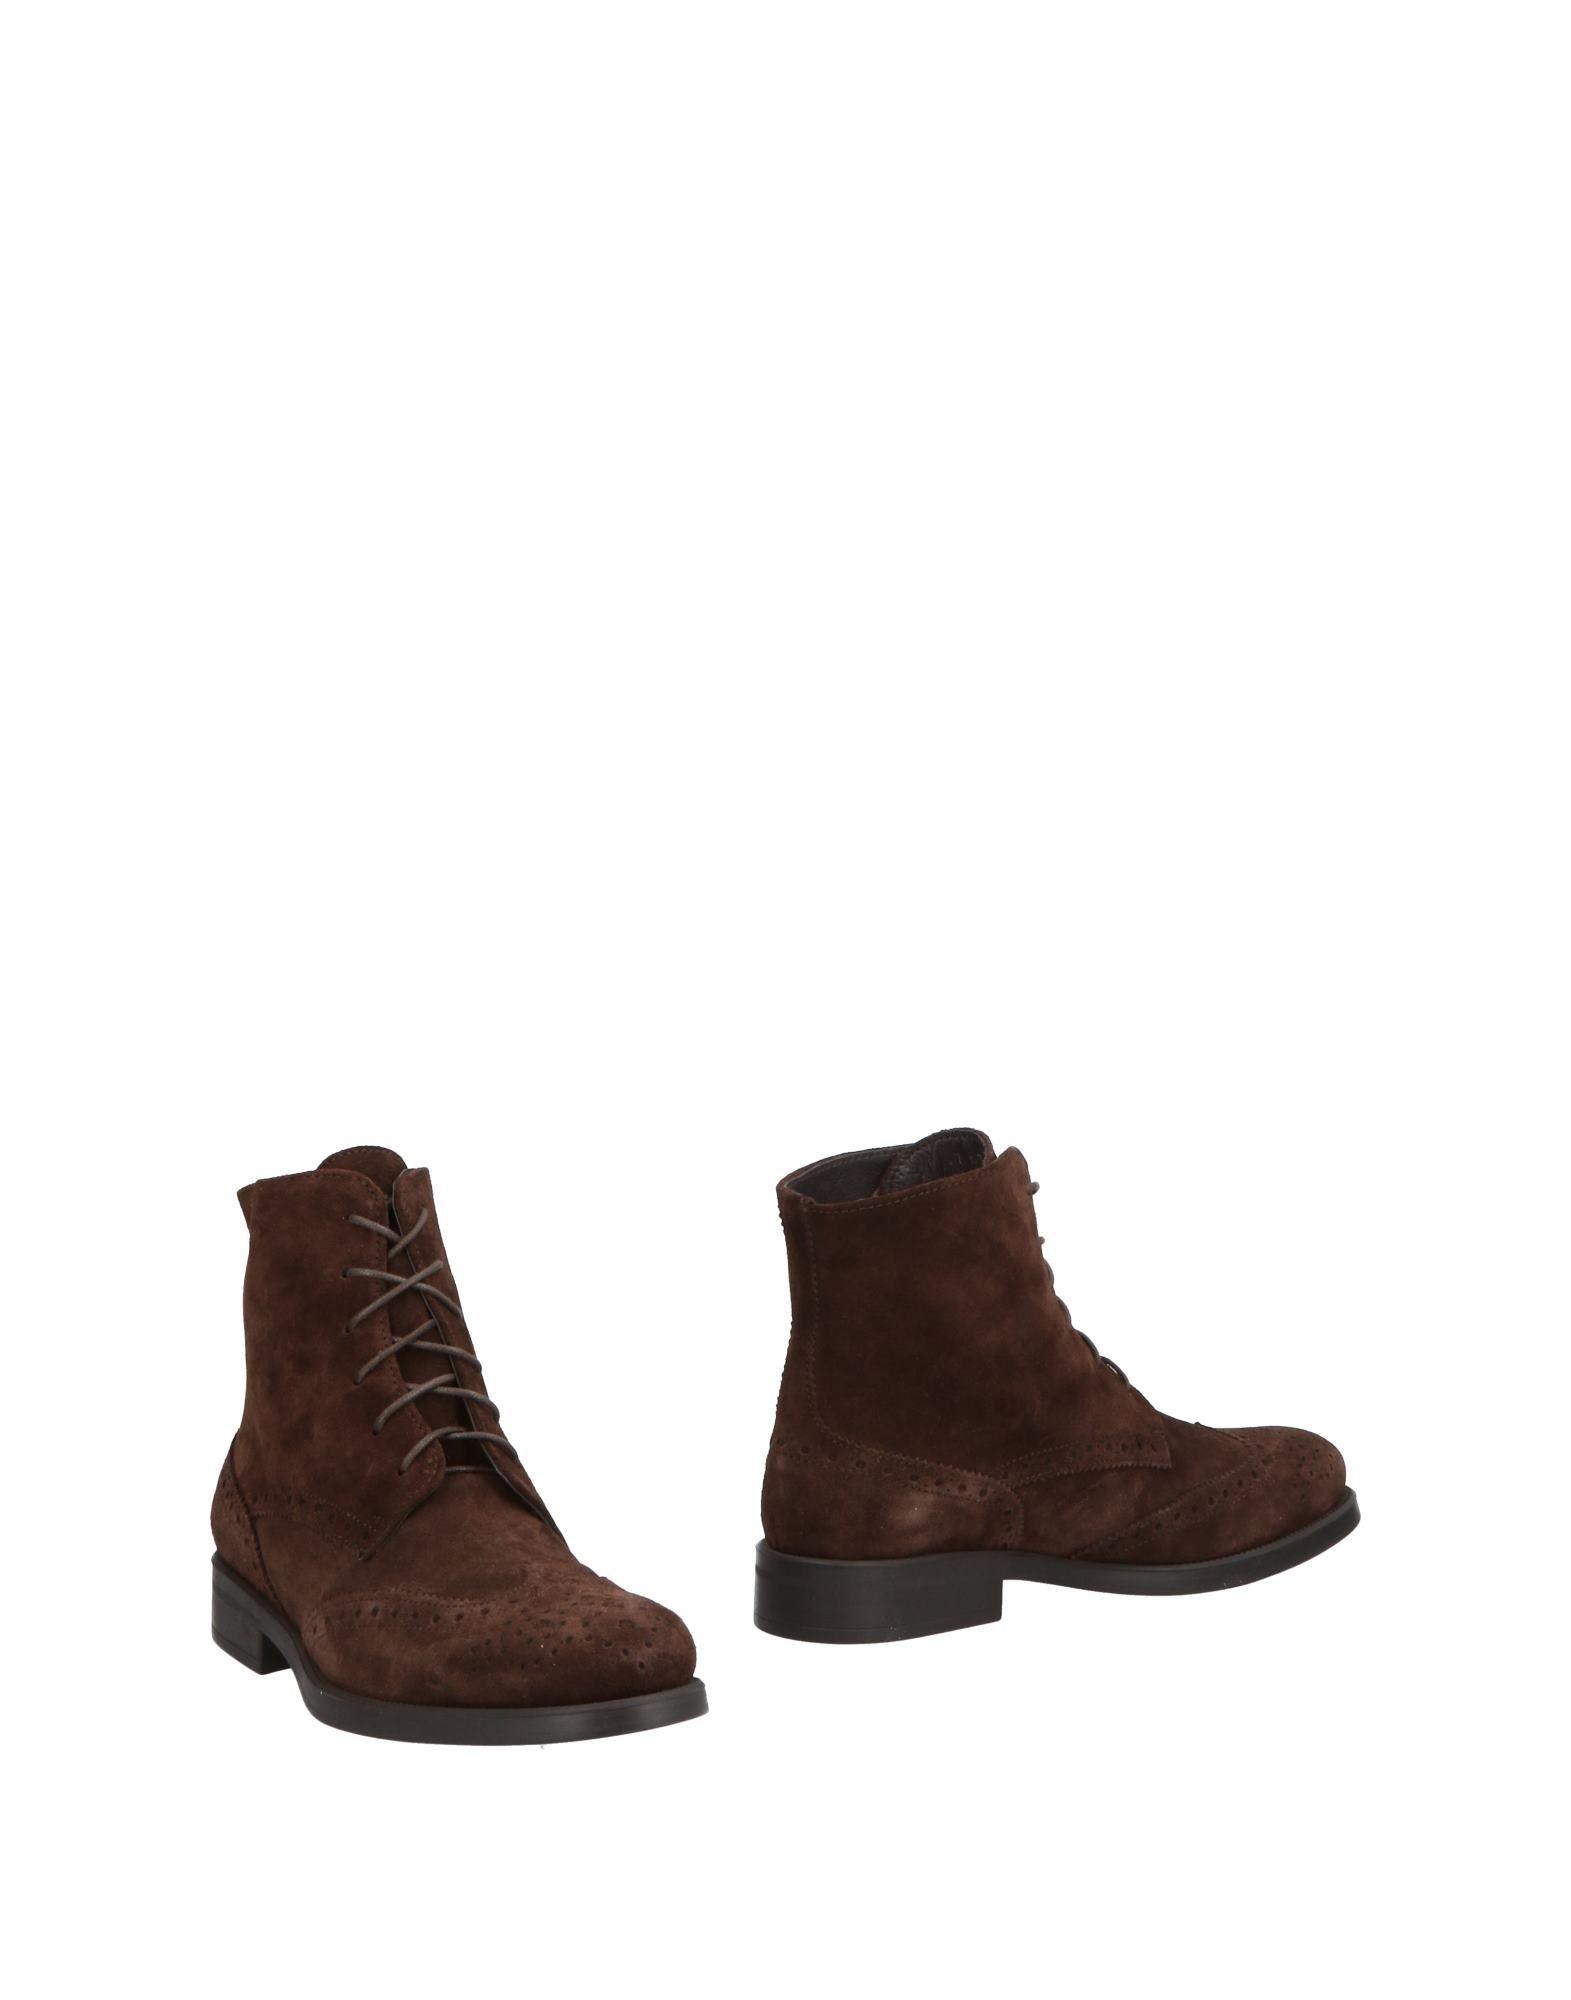 Boemos Stiefelette Damen Schuhe 11502197PH Gute Qualität beliebte Schuhe  d63e4a 1d9364536a